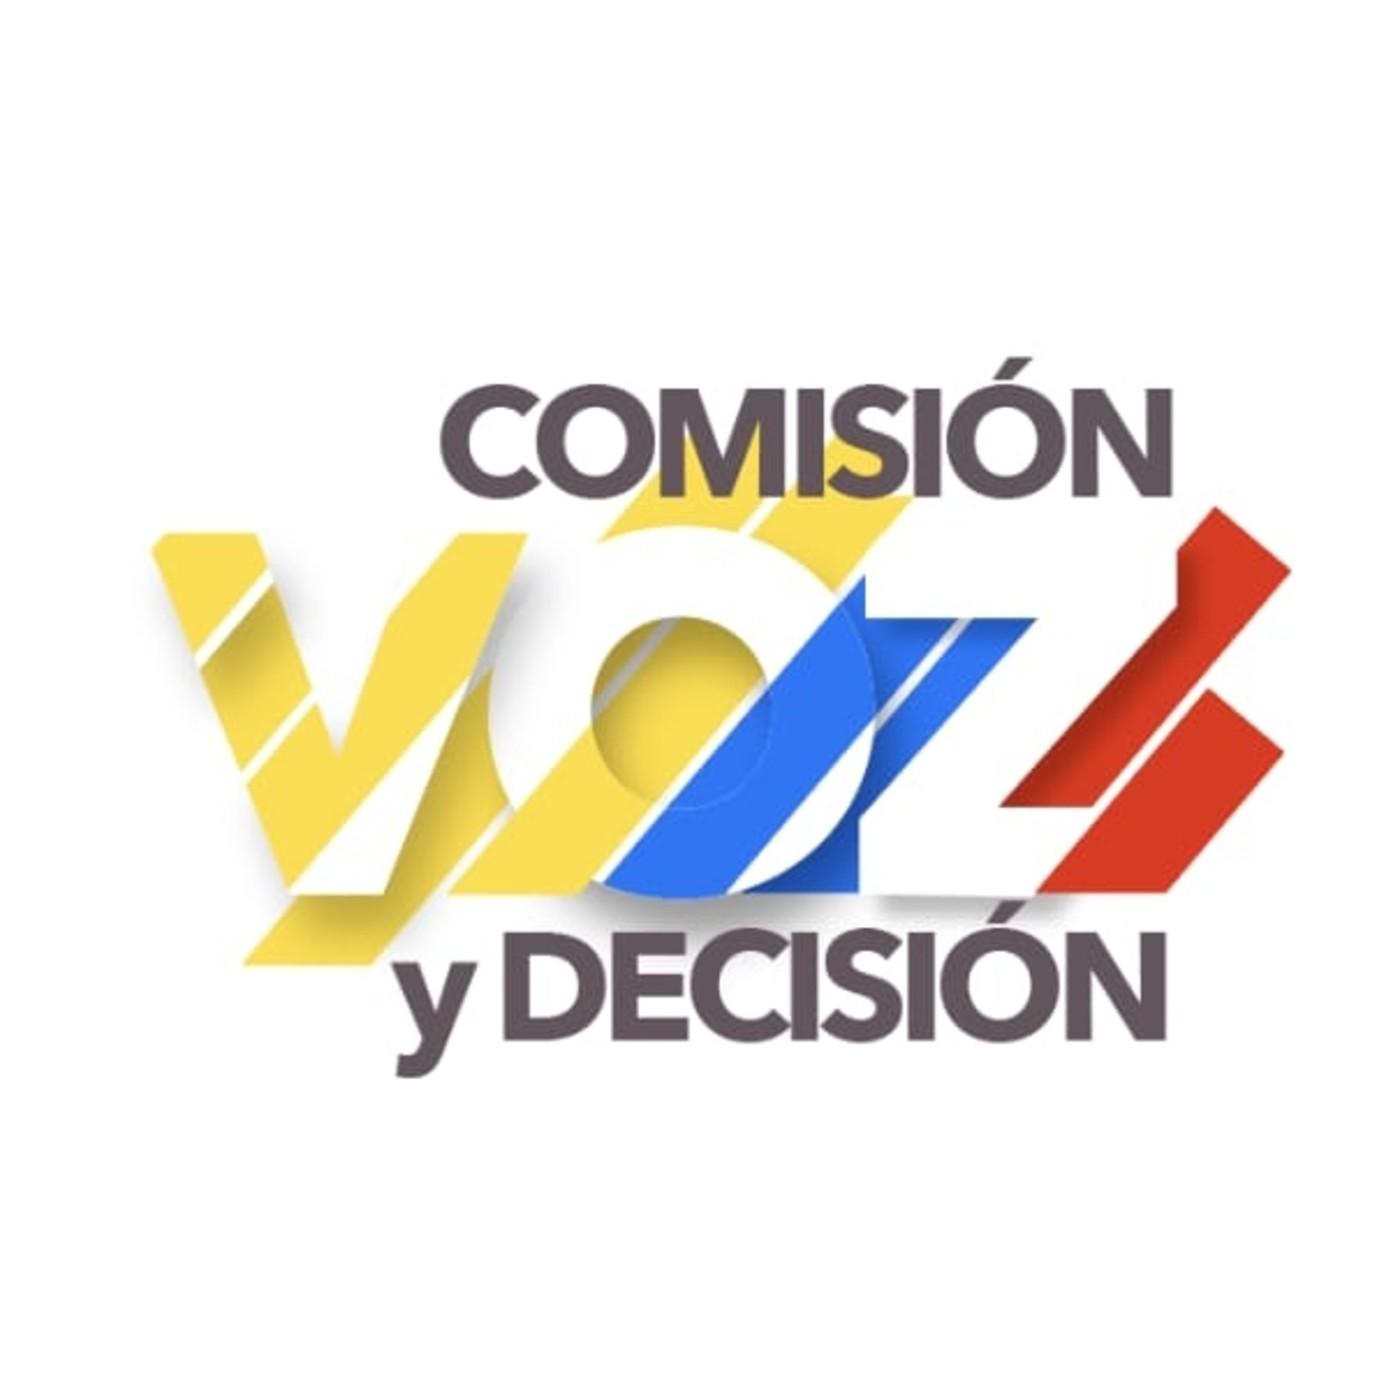 Comisiones: Voz y Decisión